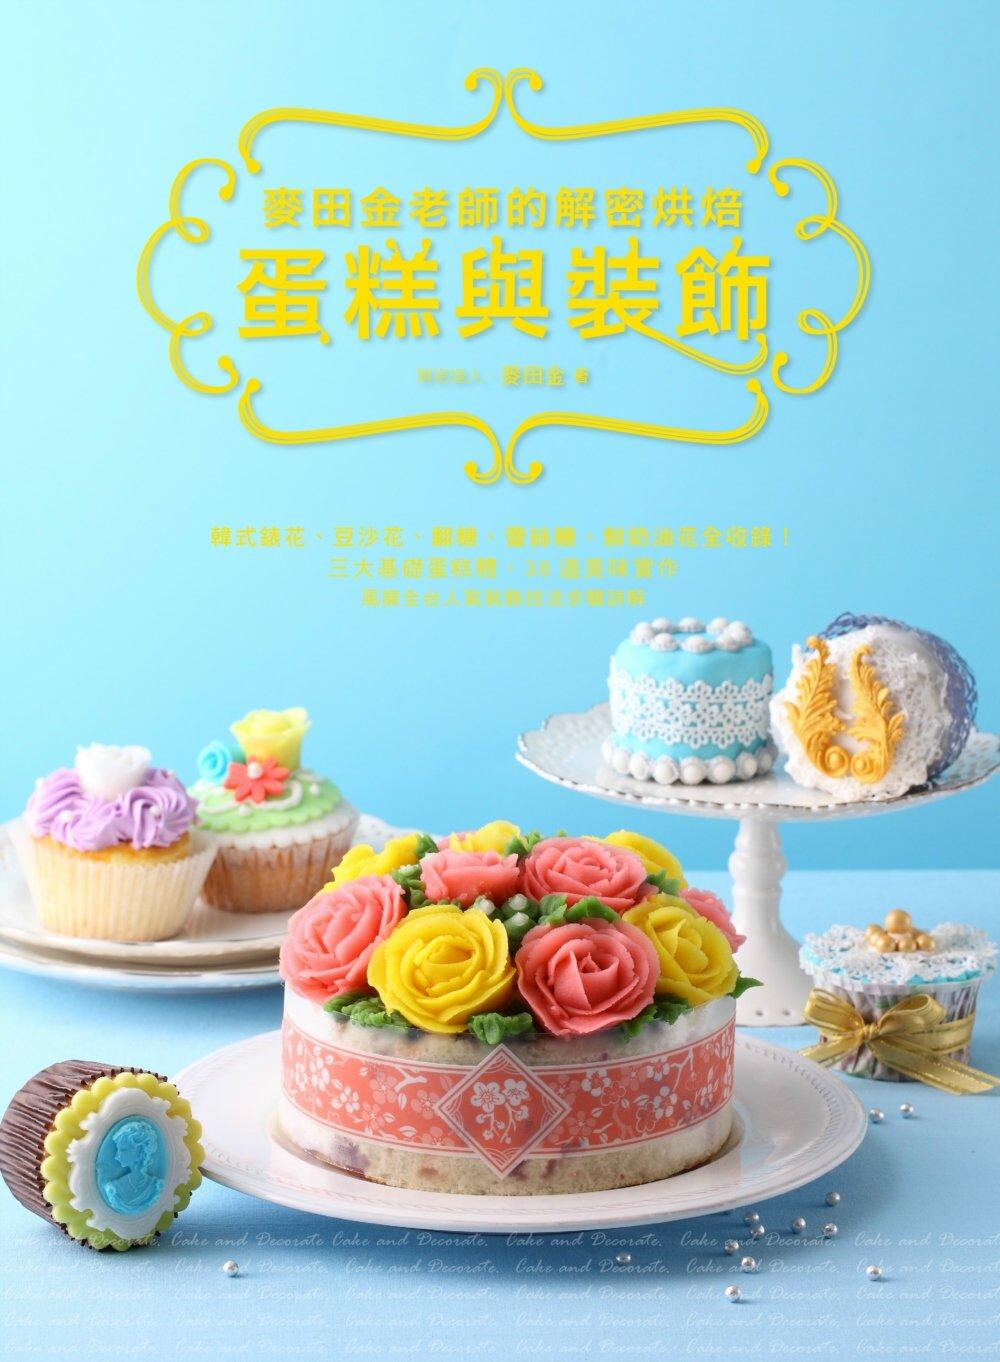 麥田金老師的解密烘焙:蛋糕與裝飾